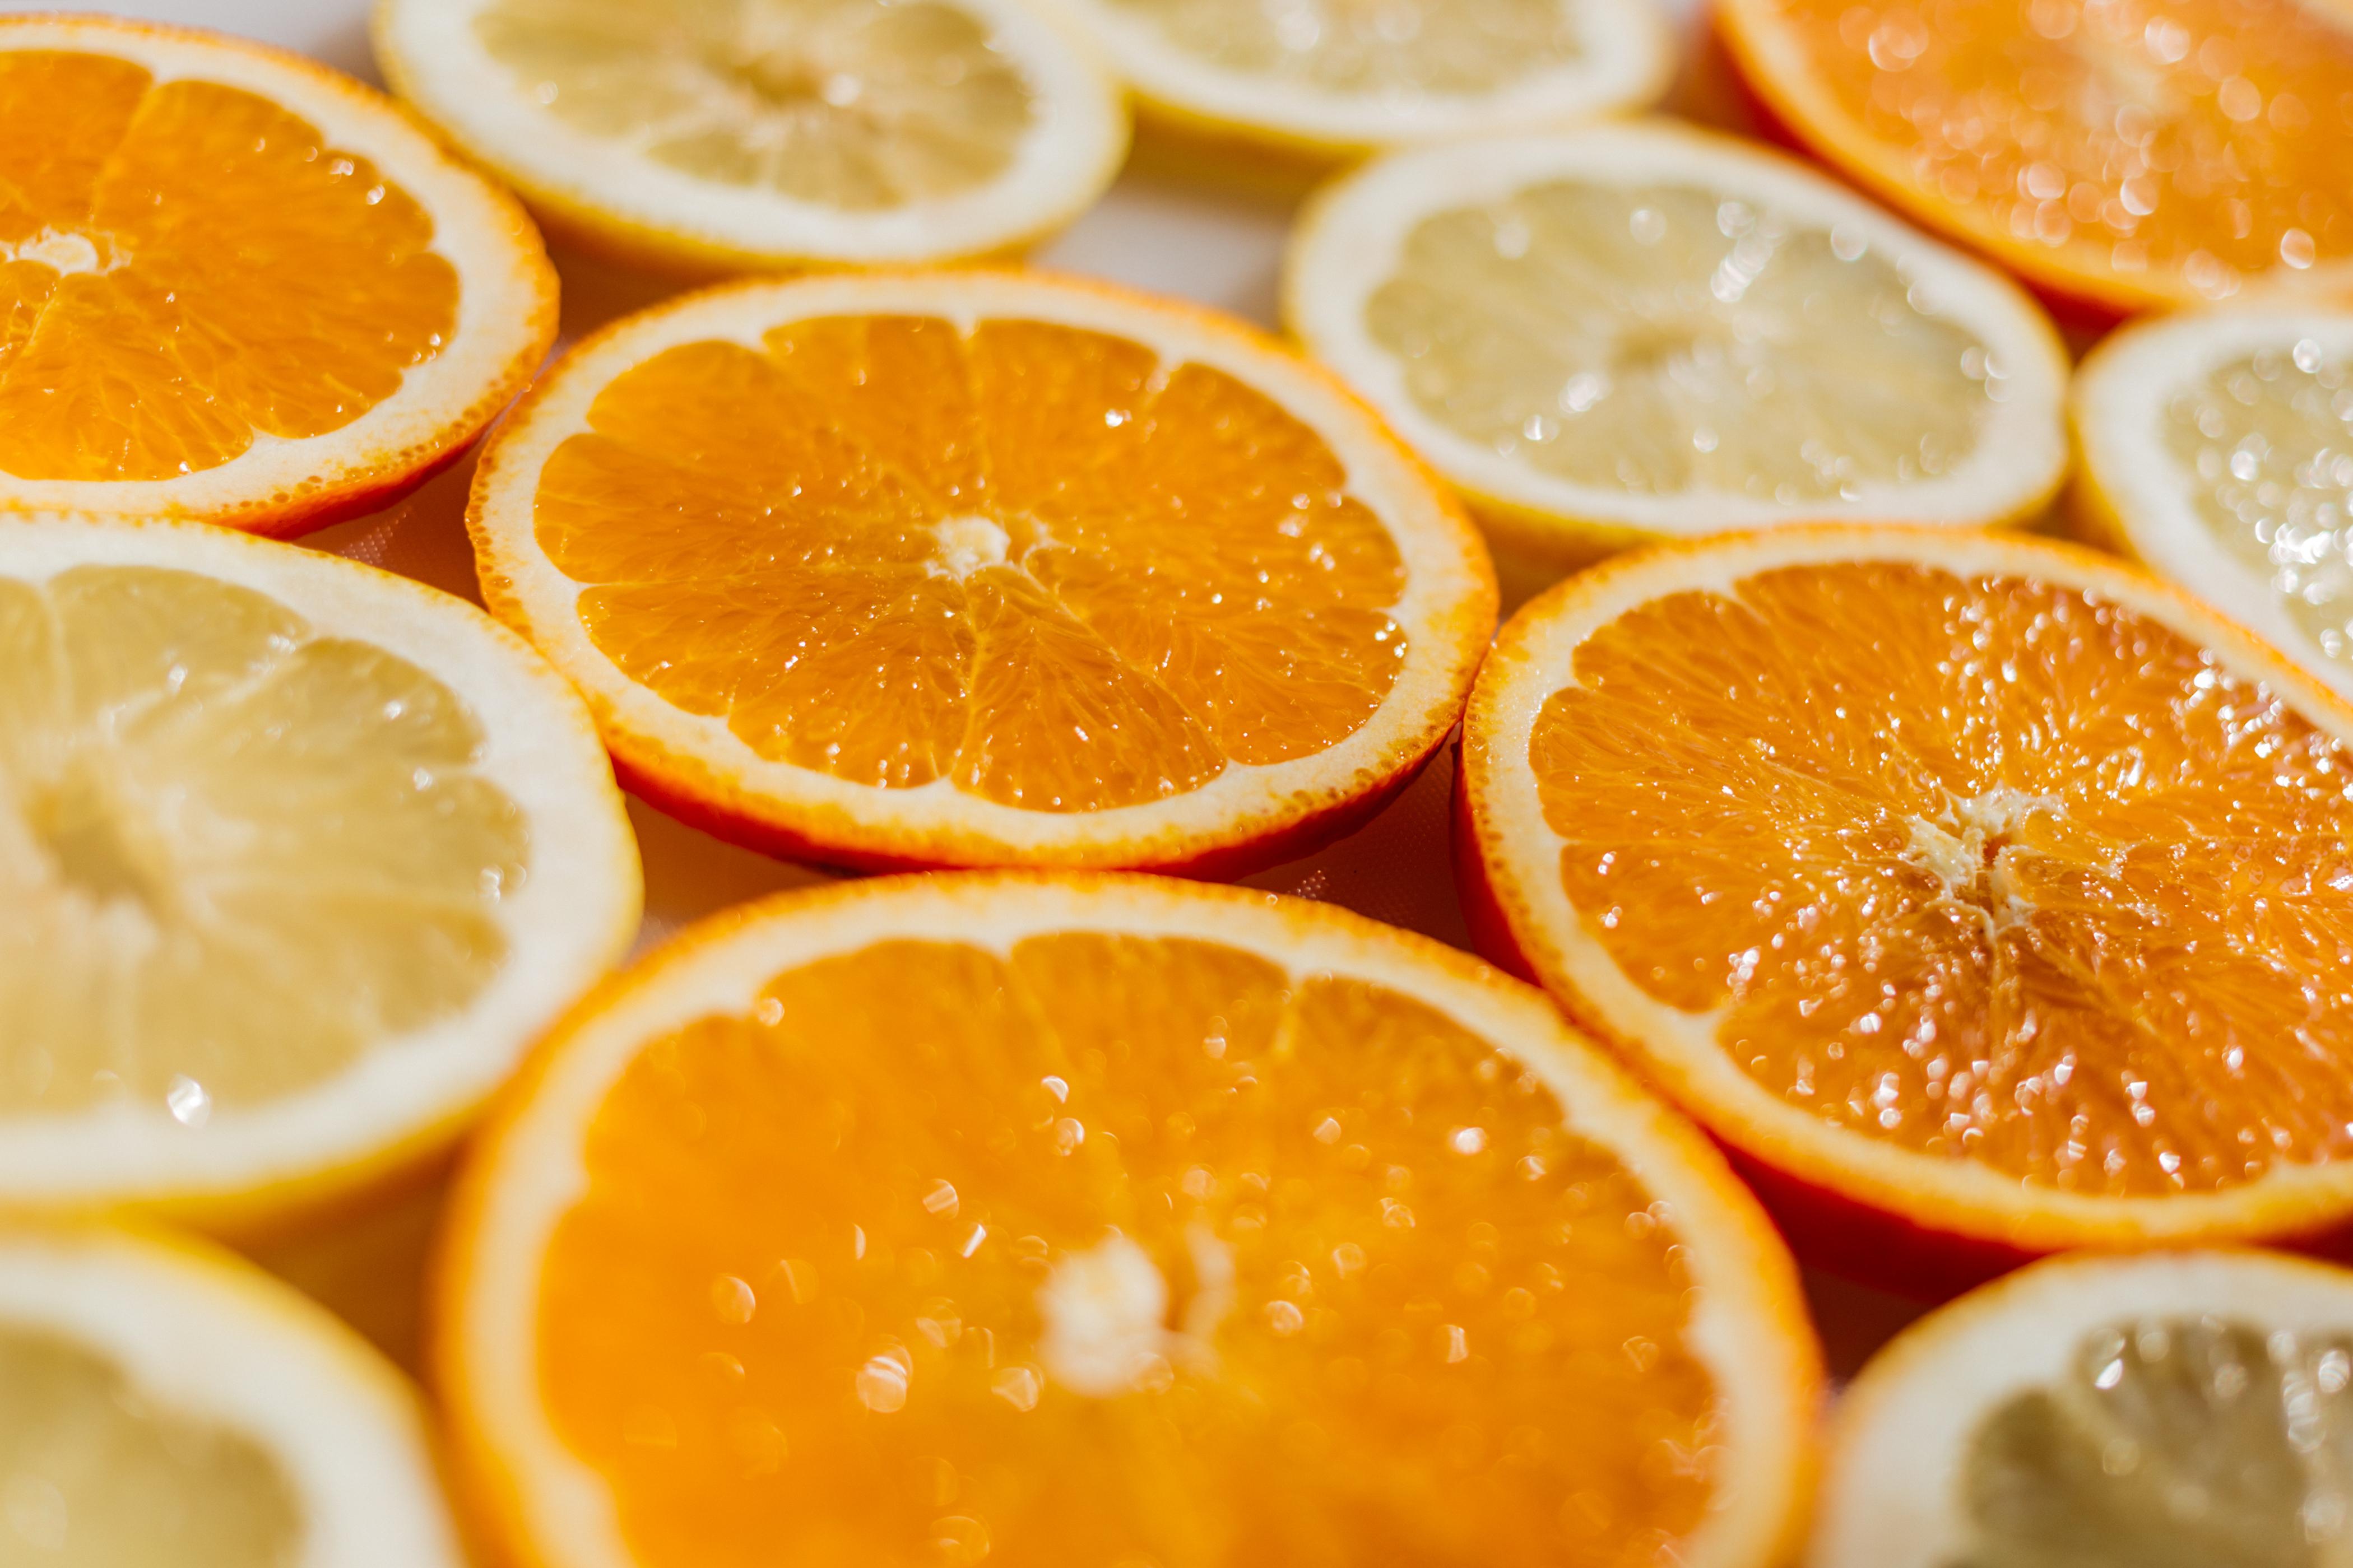 lemon orange fruit water